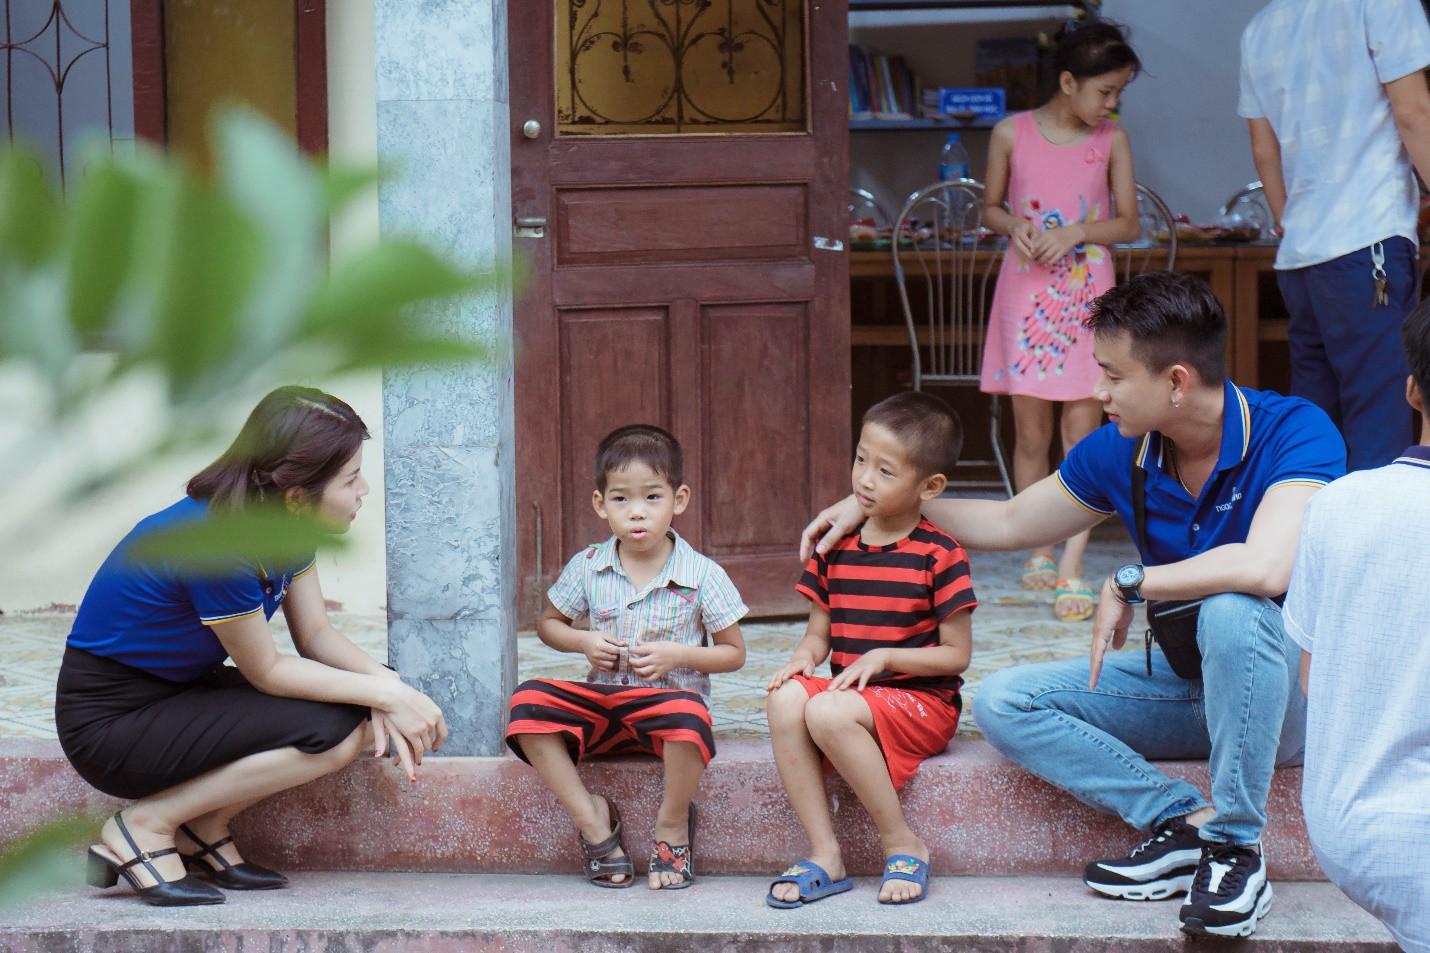 Chuyện về chuyến hành trình tại khu trại trẻ mồ côi, khi ước mơ đơn giản là tập vở trắng - Ảnh 1.